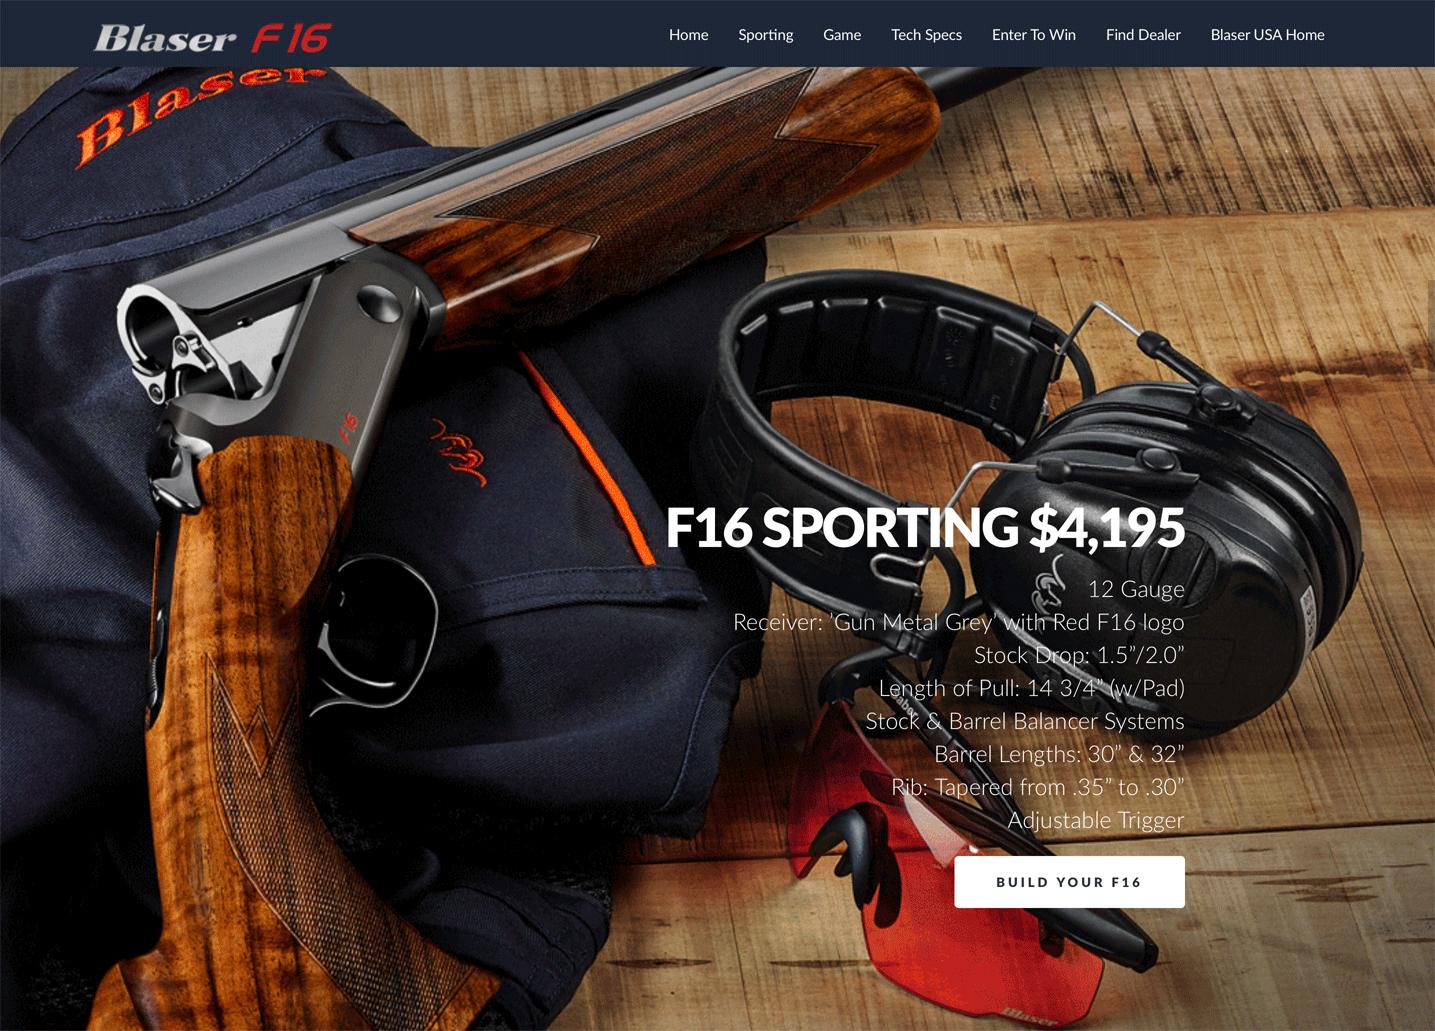 Blaser F16 Website & Launch